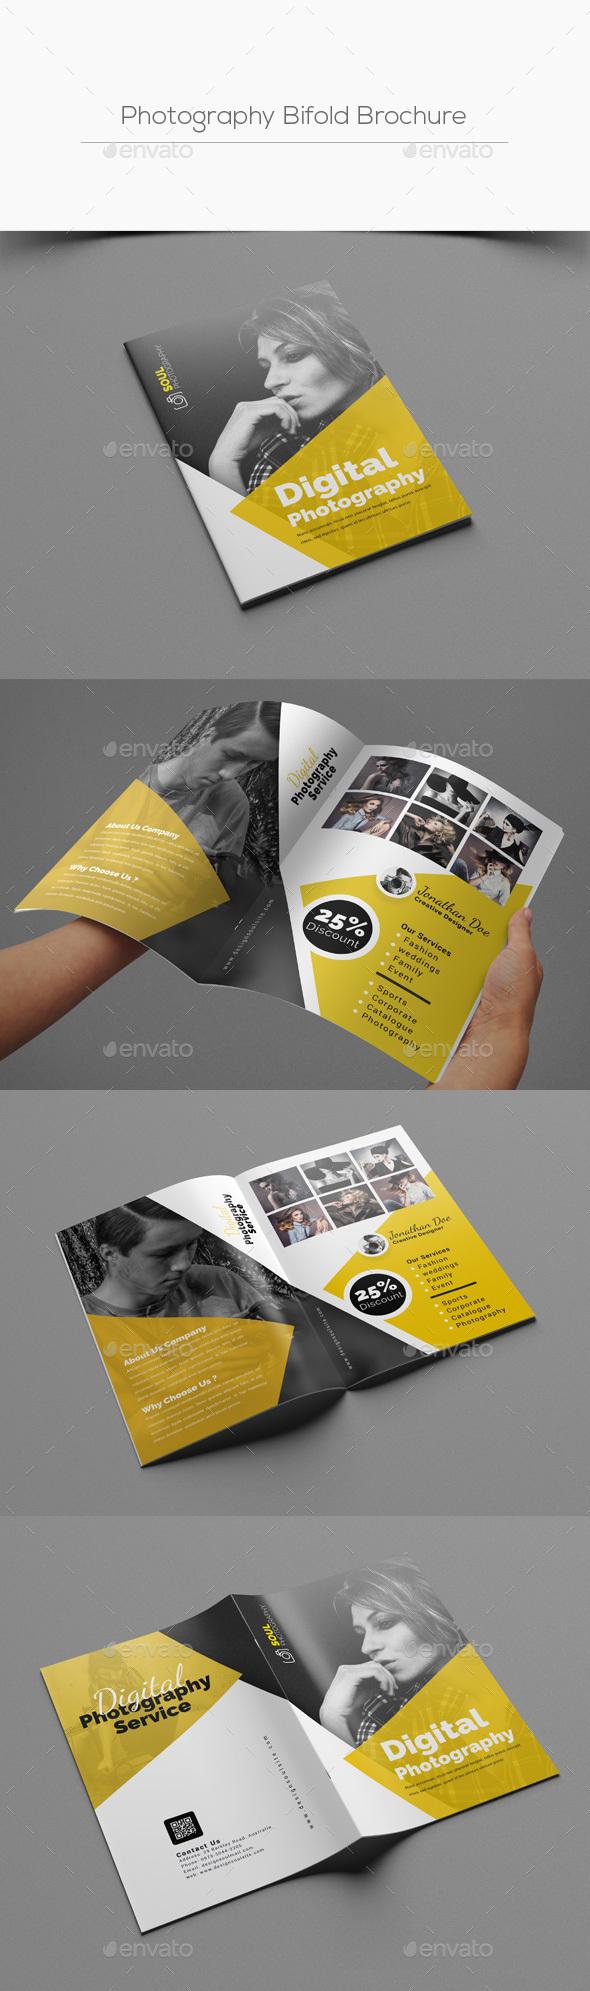 Photography Bifold Brochure - Corporate Brochures